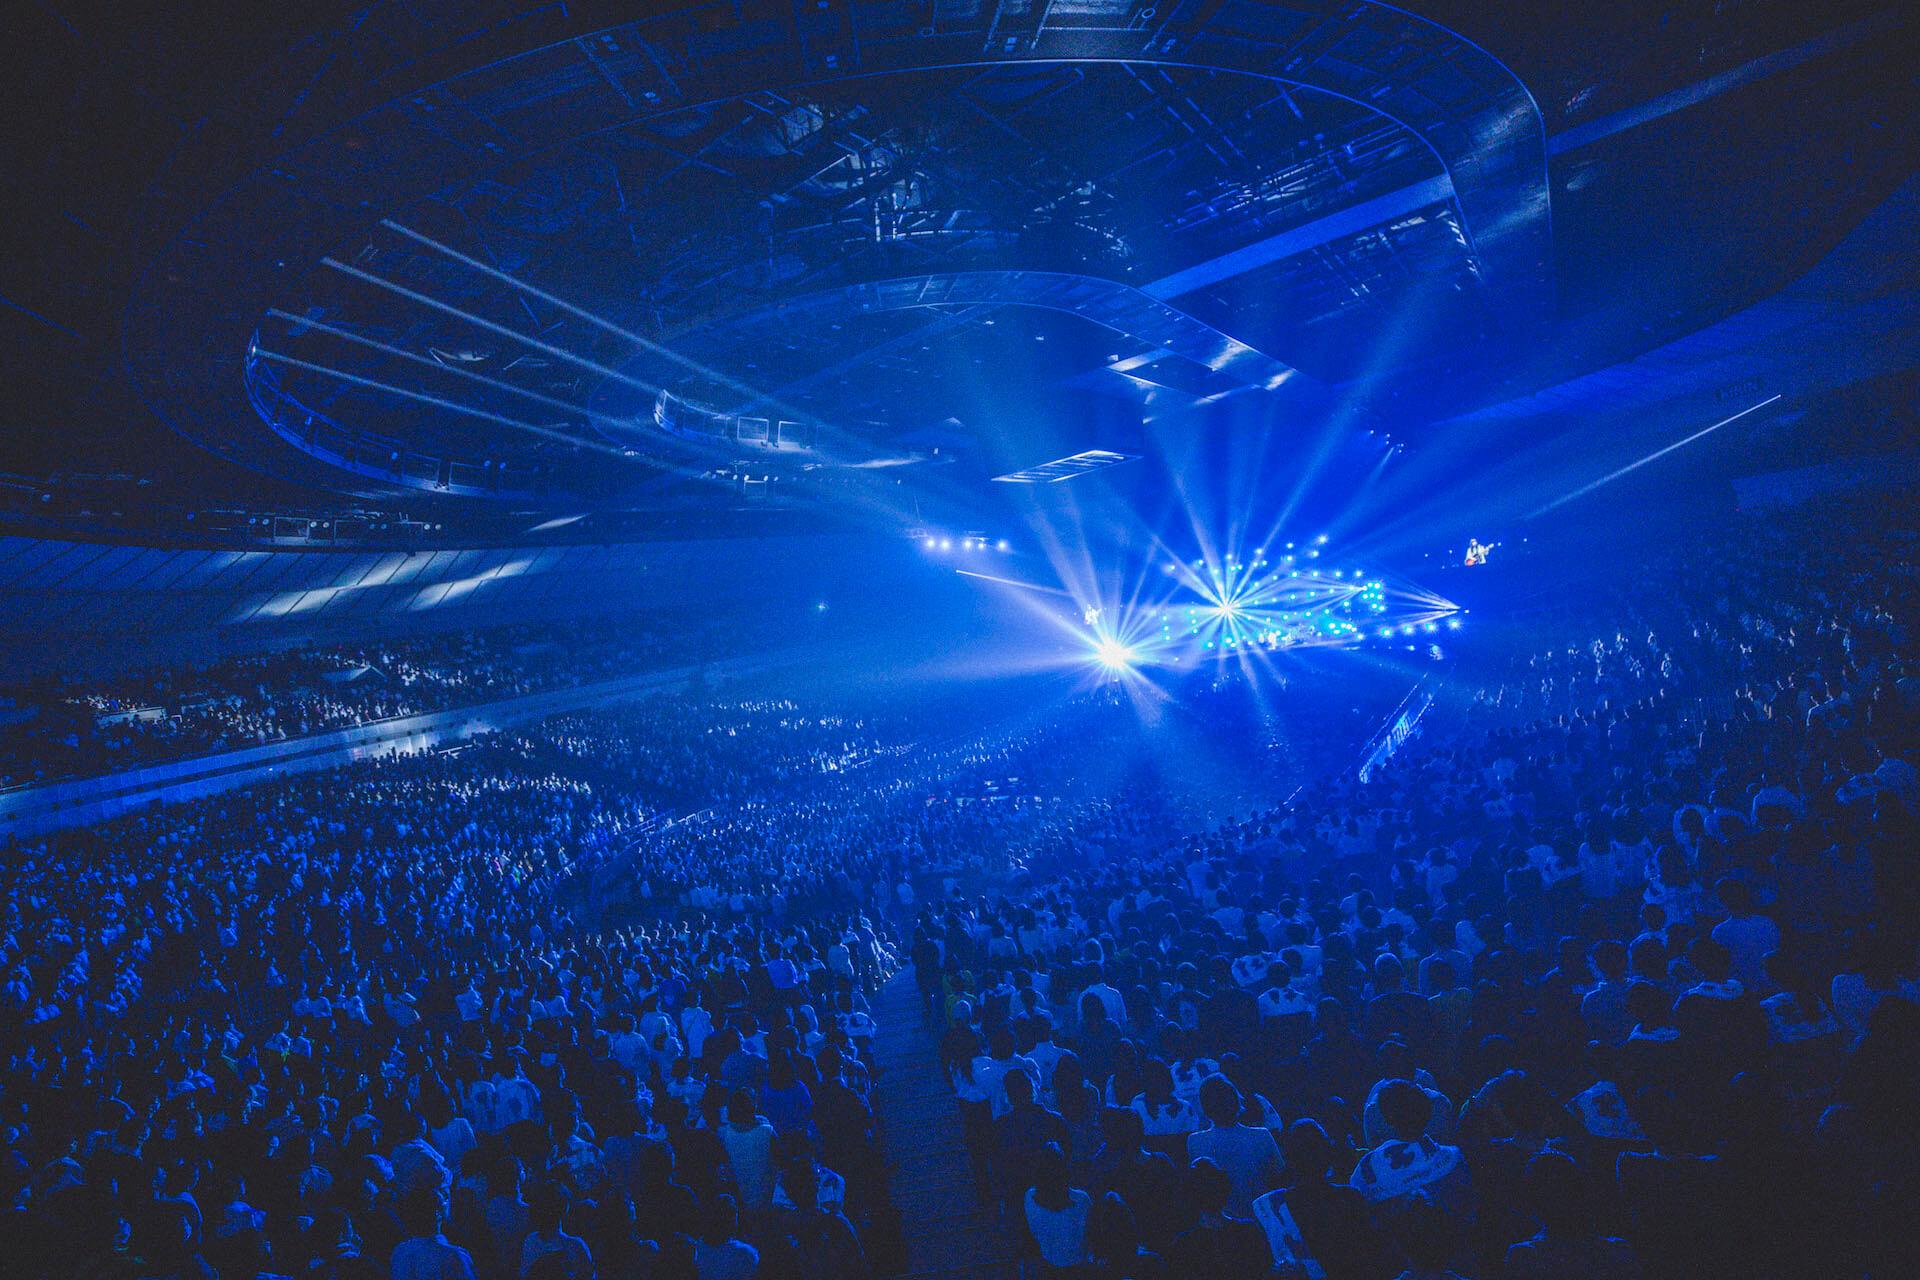 13,000人が大熱狂!あいみょん<AIMYON TOUR 2019 -SIXTH SENSE STORY->最終公演のライブレポートが到着 music191219_aimyon_live_7